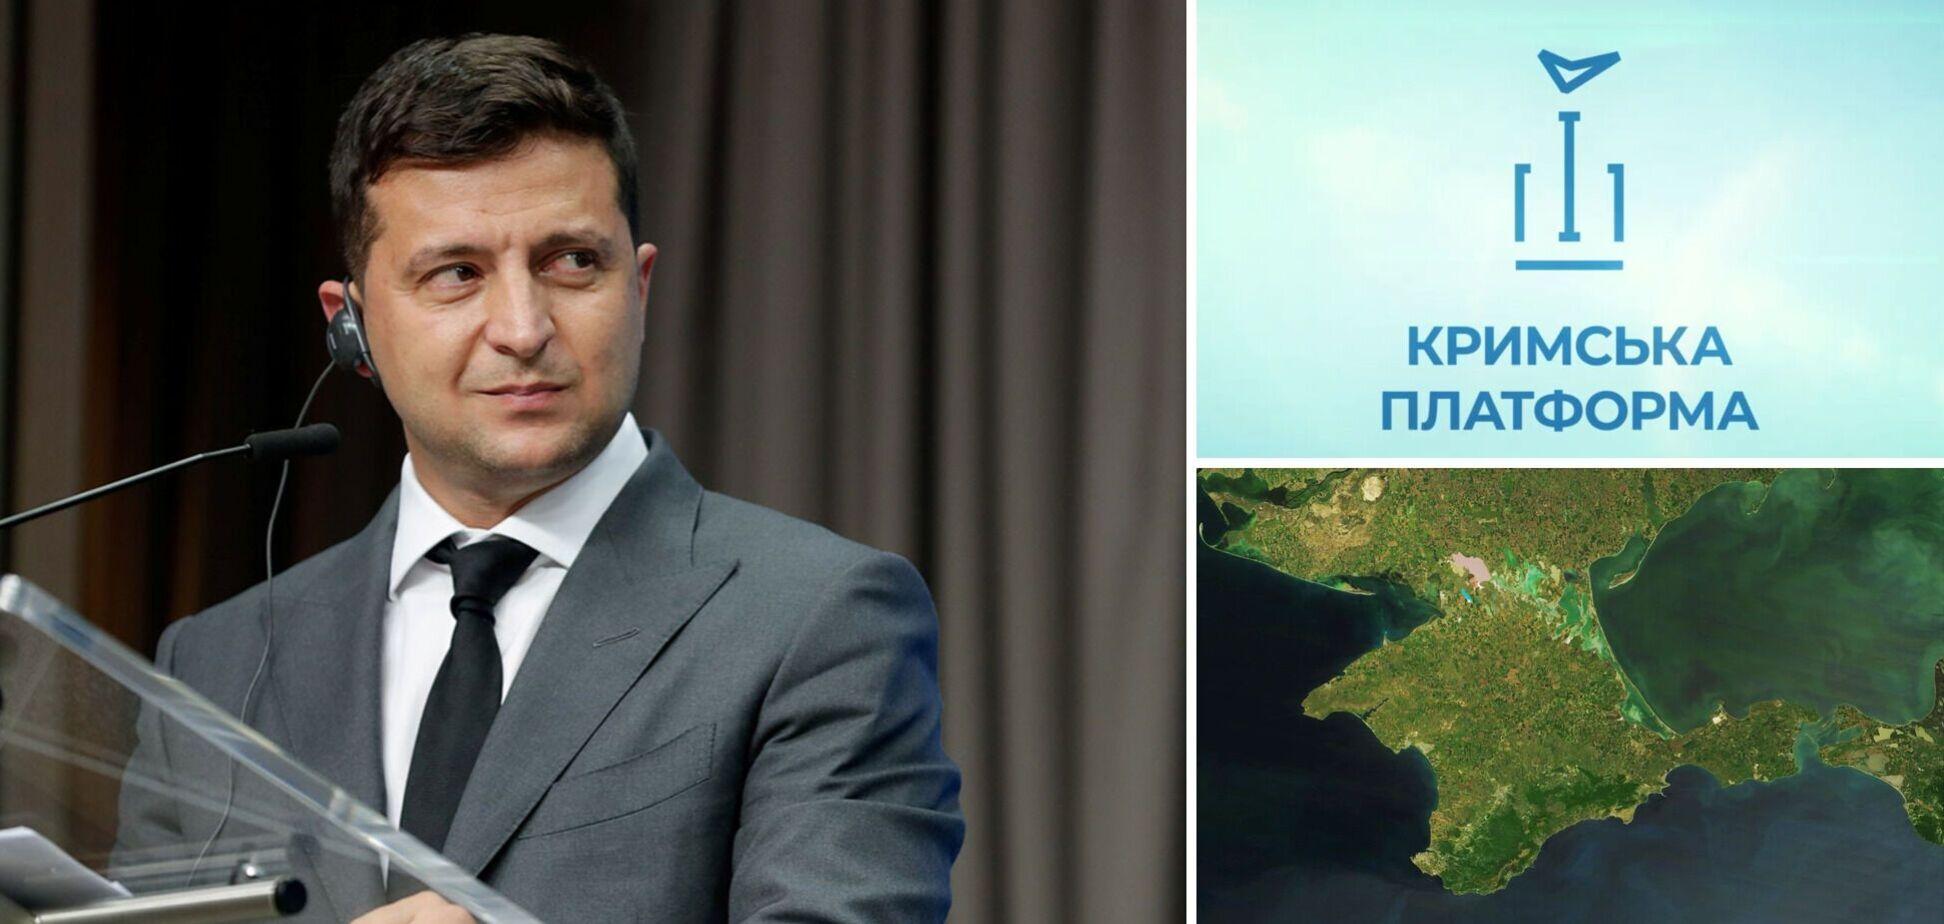 Зеленський на 'Кримській платформі': спільними зусиллями ми змусимо Росію повернути Крим